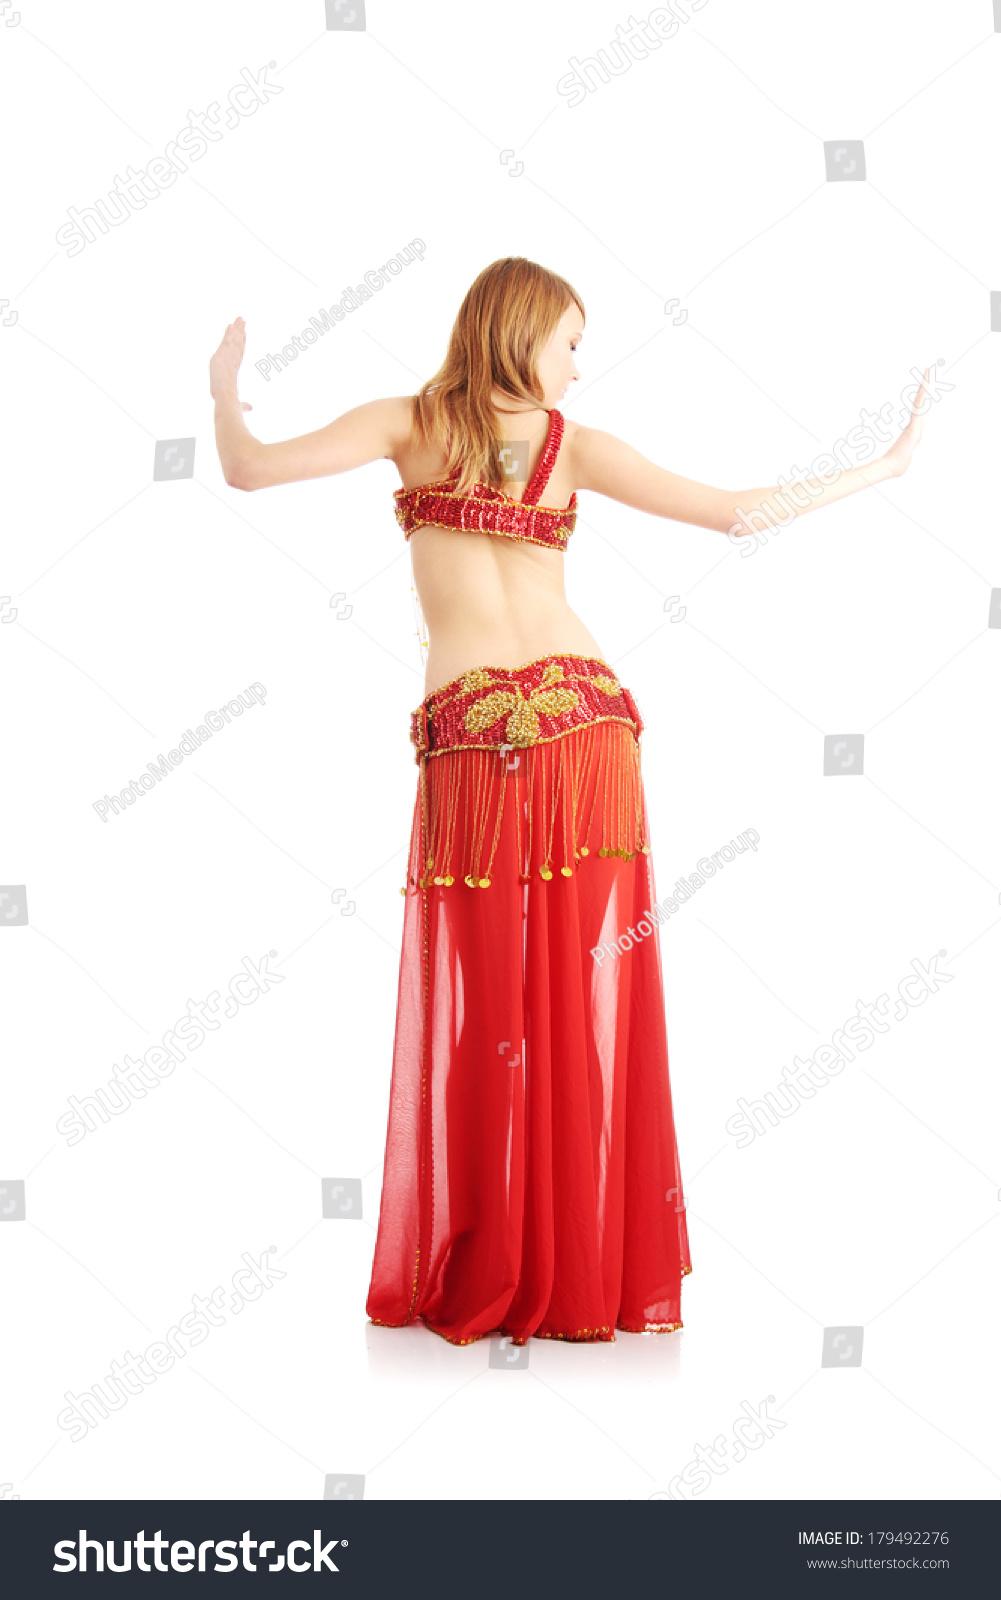 ddc9d185c Teen girl in belly dancer costume dancing